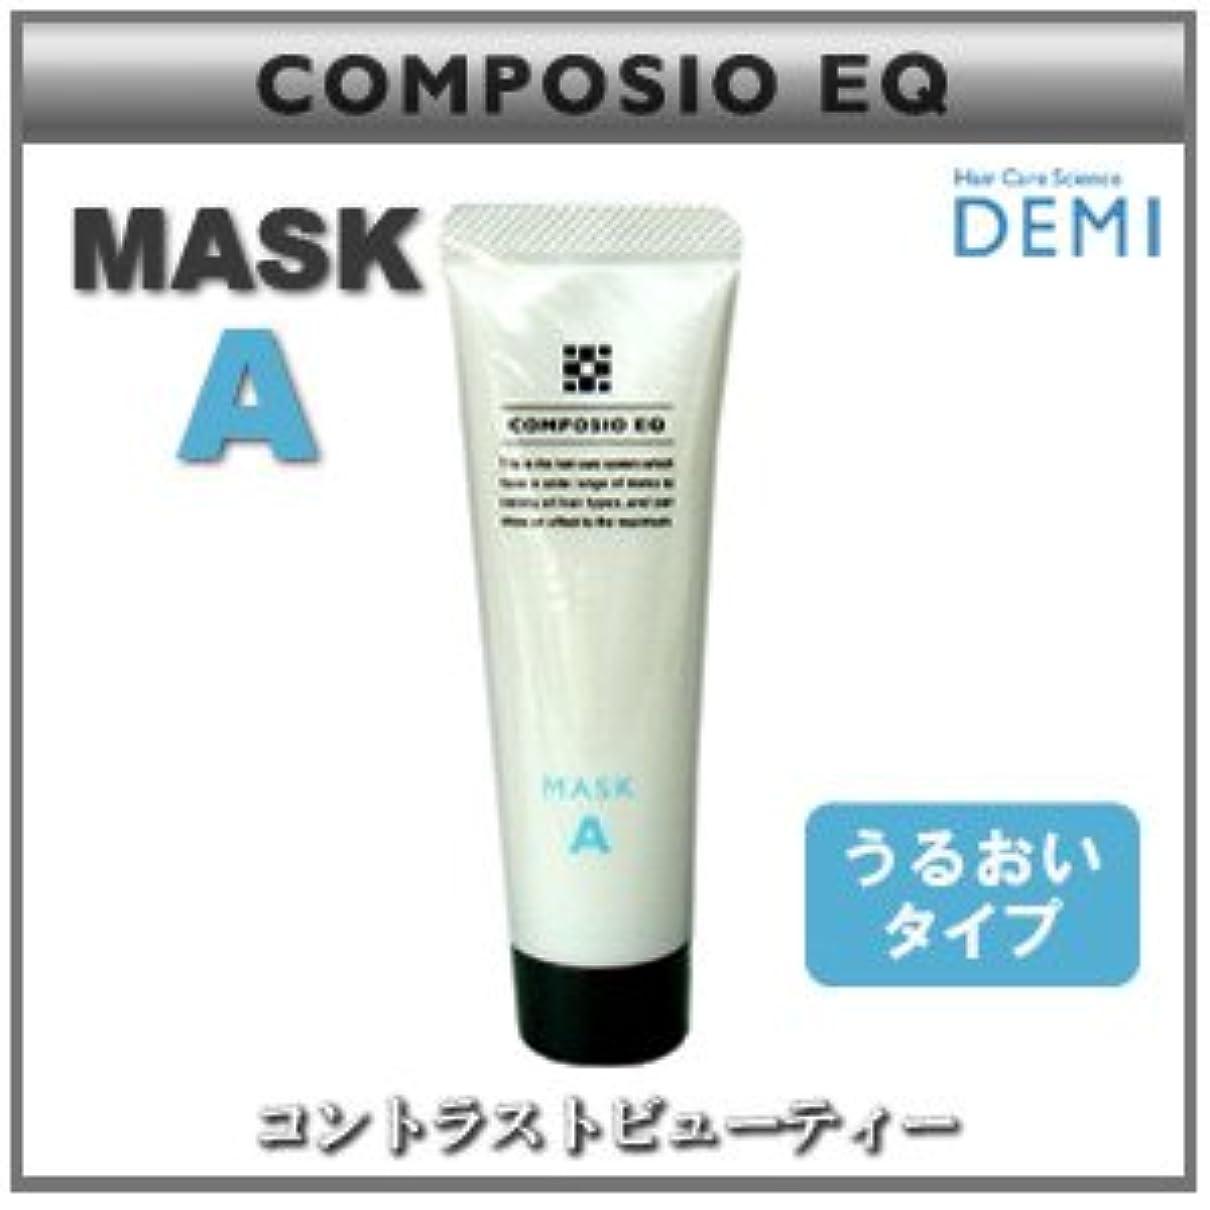 想起工業化する川【X2個セット】 デミ コンポジオ EQ マスク A 50g